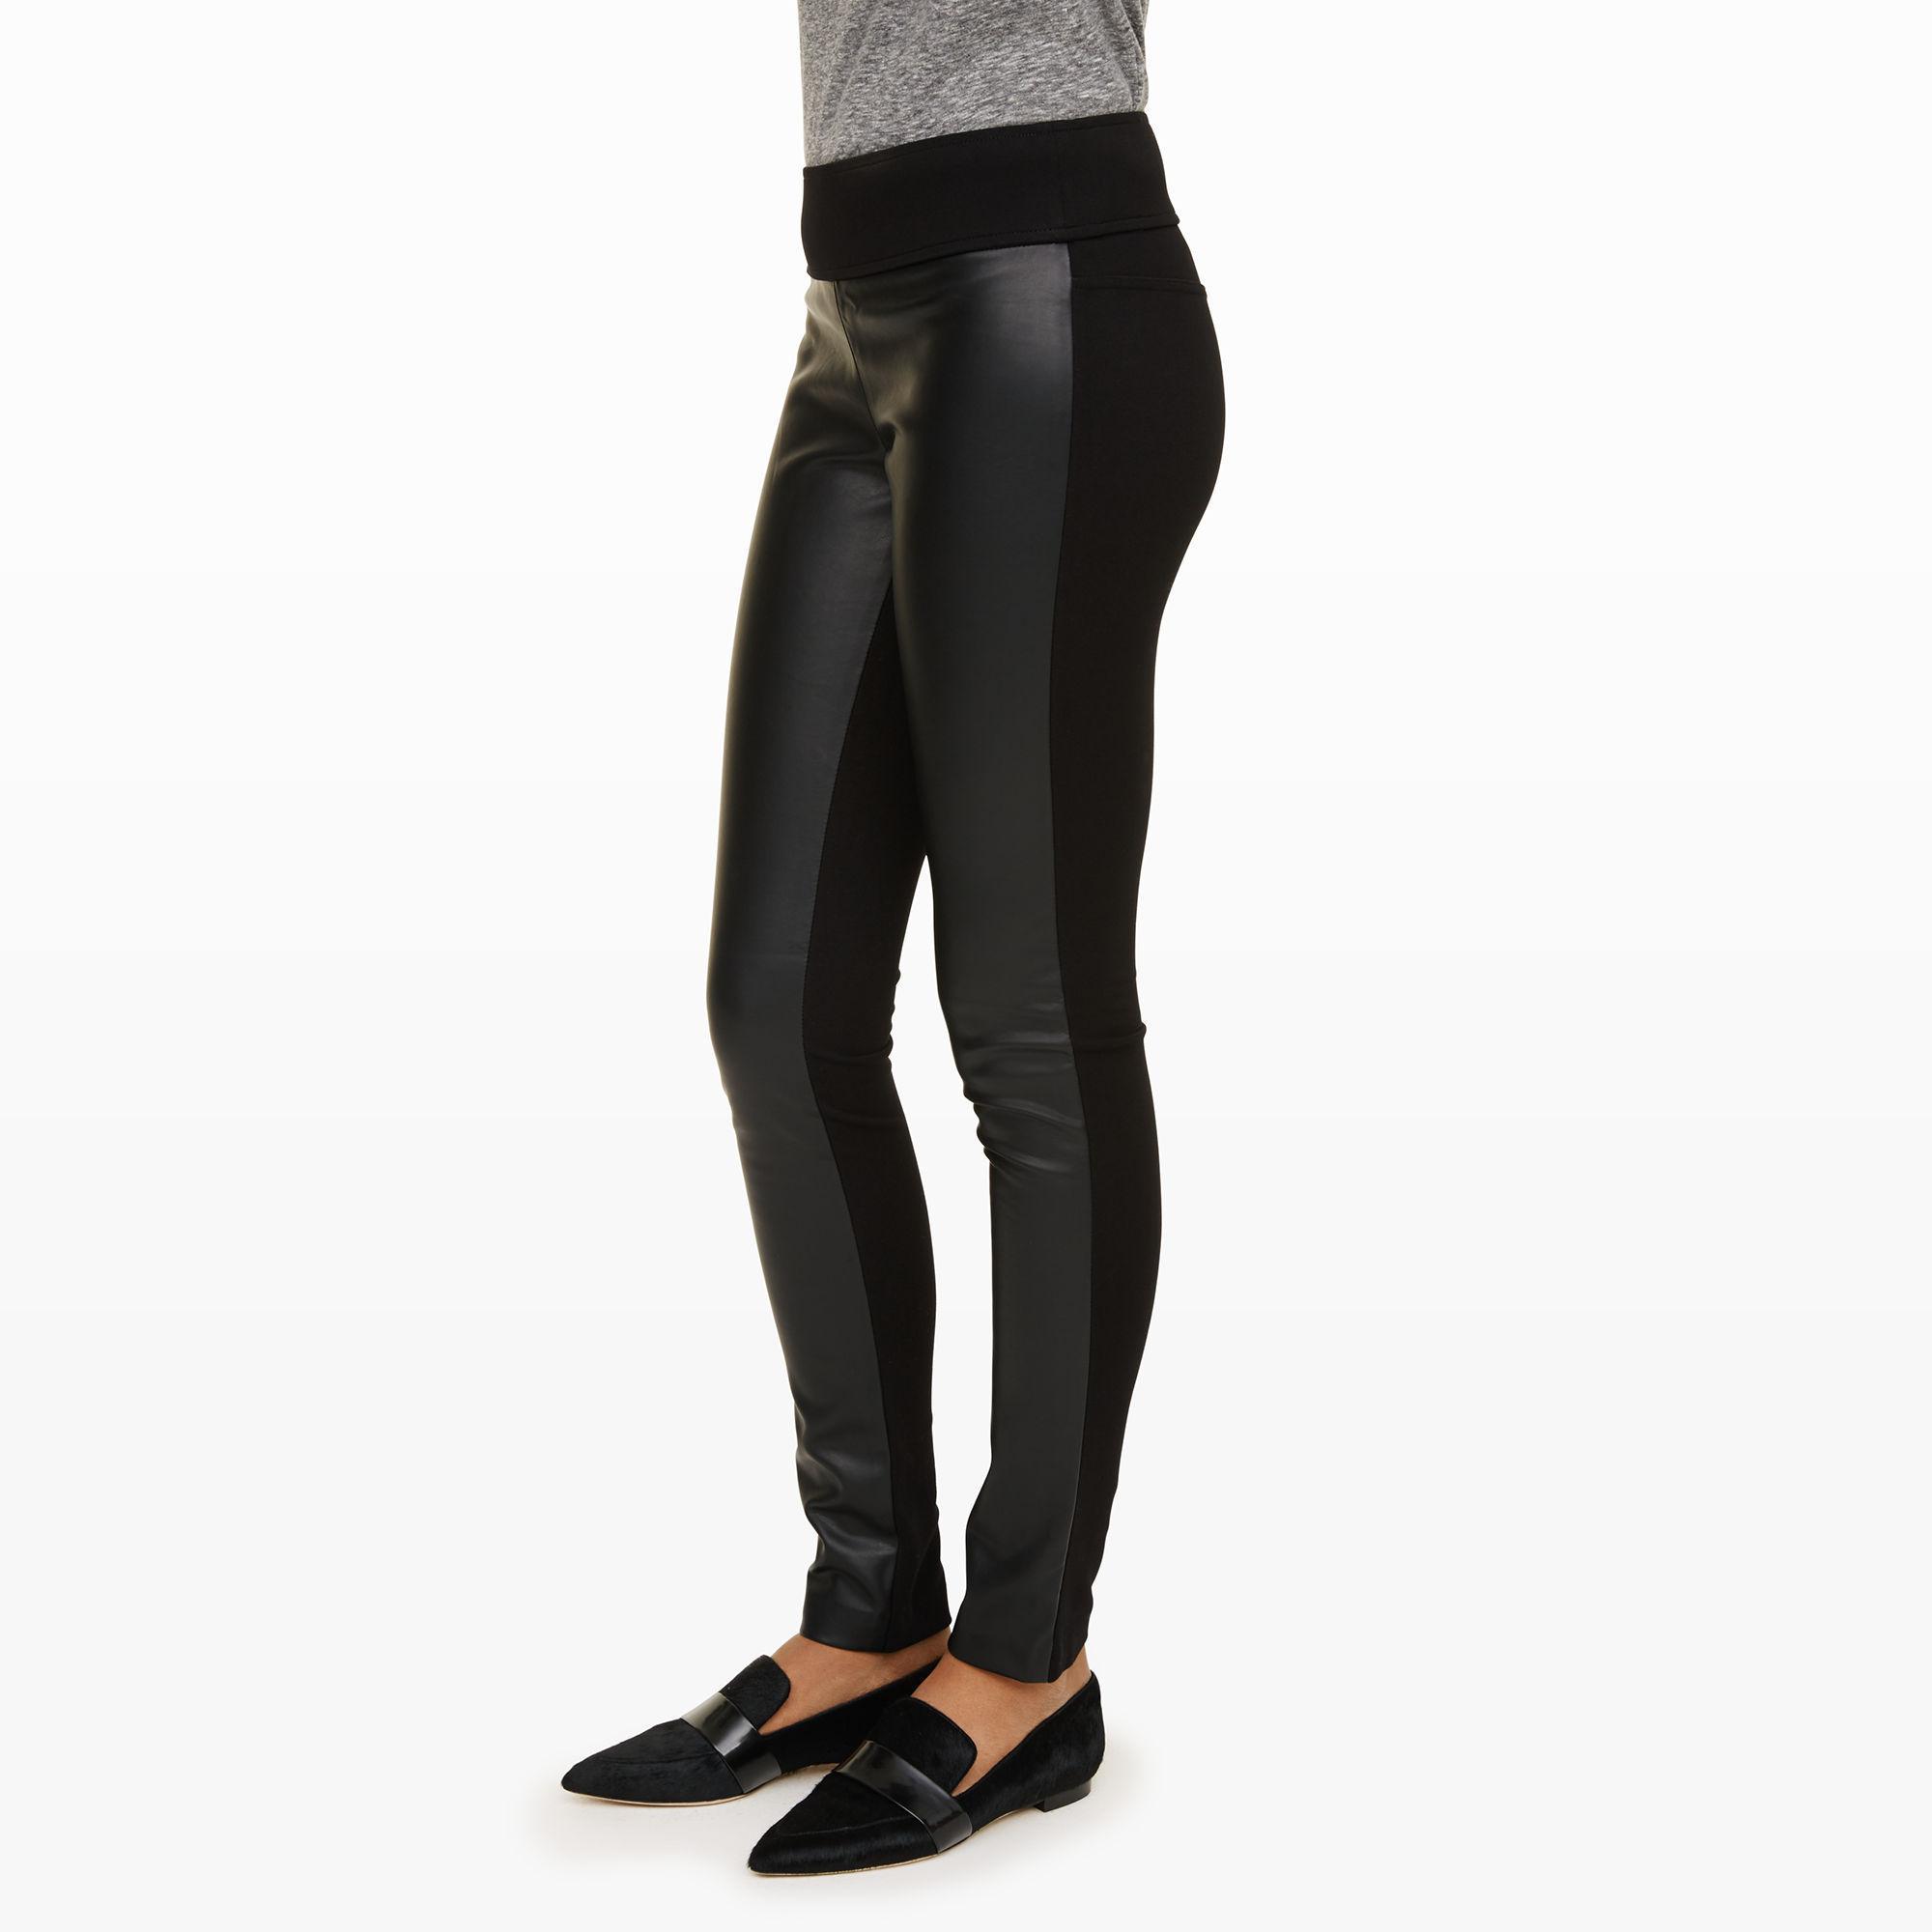 ad96ffc3960a2c Club Monaco Tasha Faux-leather Legging in Black - Lyst